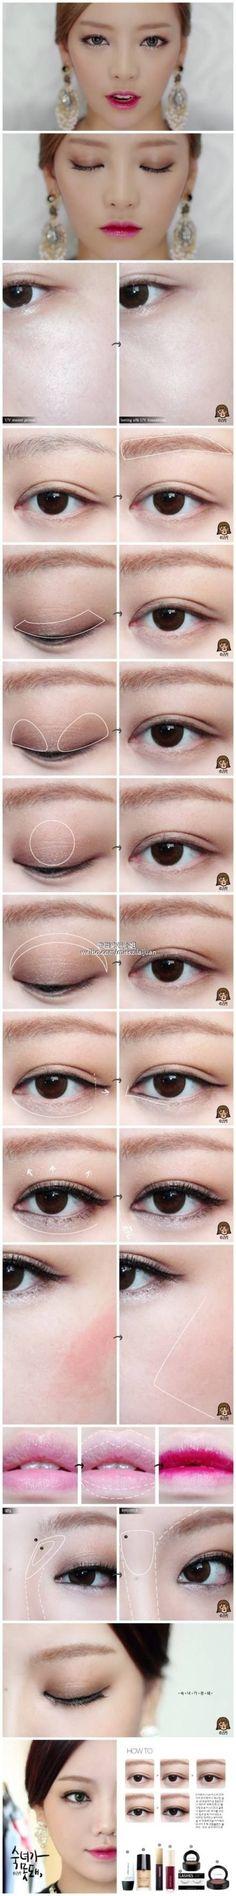 makeup Dewy Makeup, Clean Makeup, Makeup Inspo, Makeup Tips, Korean Wedding Makeup, Eyeliner, Eyeshadow, Ulzzang Makeup, Korean Makeup Tutorials